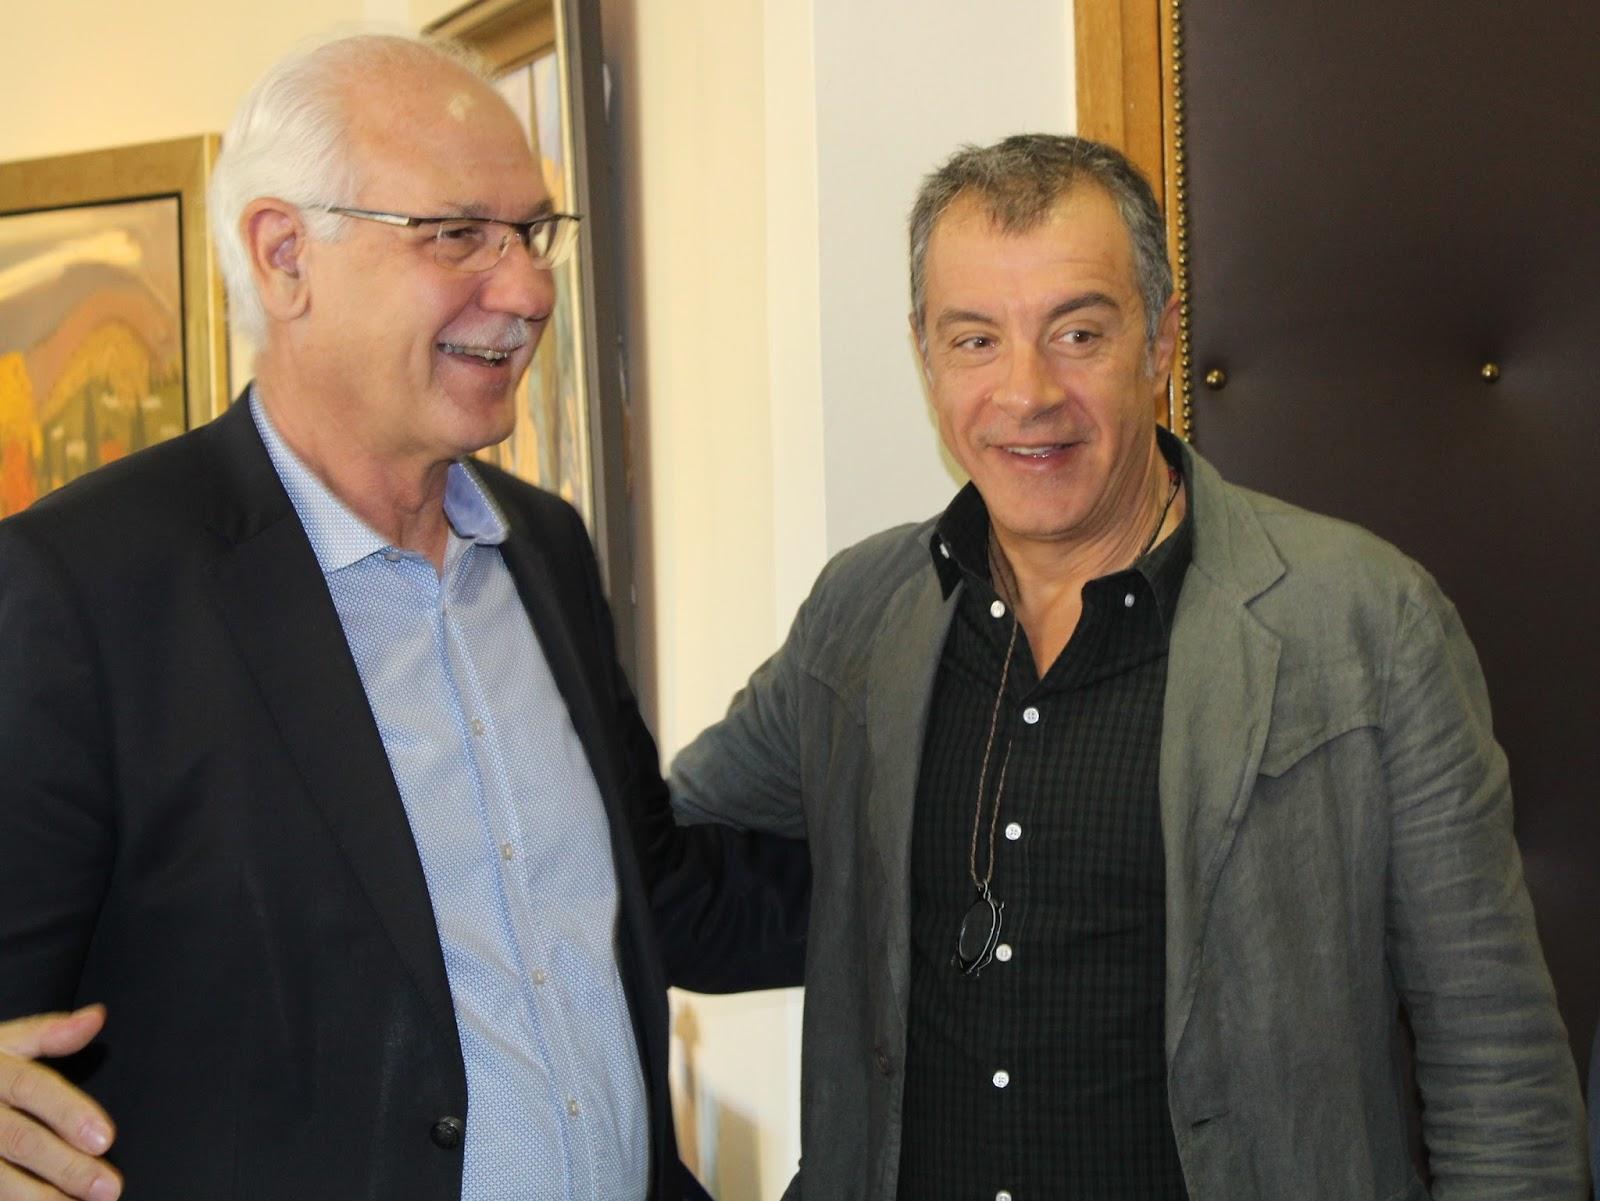 Συνάντηση του επικεφαλής του Ποταμιού Σταύρου Θεοδωράκη με το Δήμαρχο Λαρισαίων Απ. Καλογιάννη (ΦΩΤΟ)